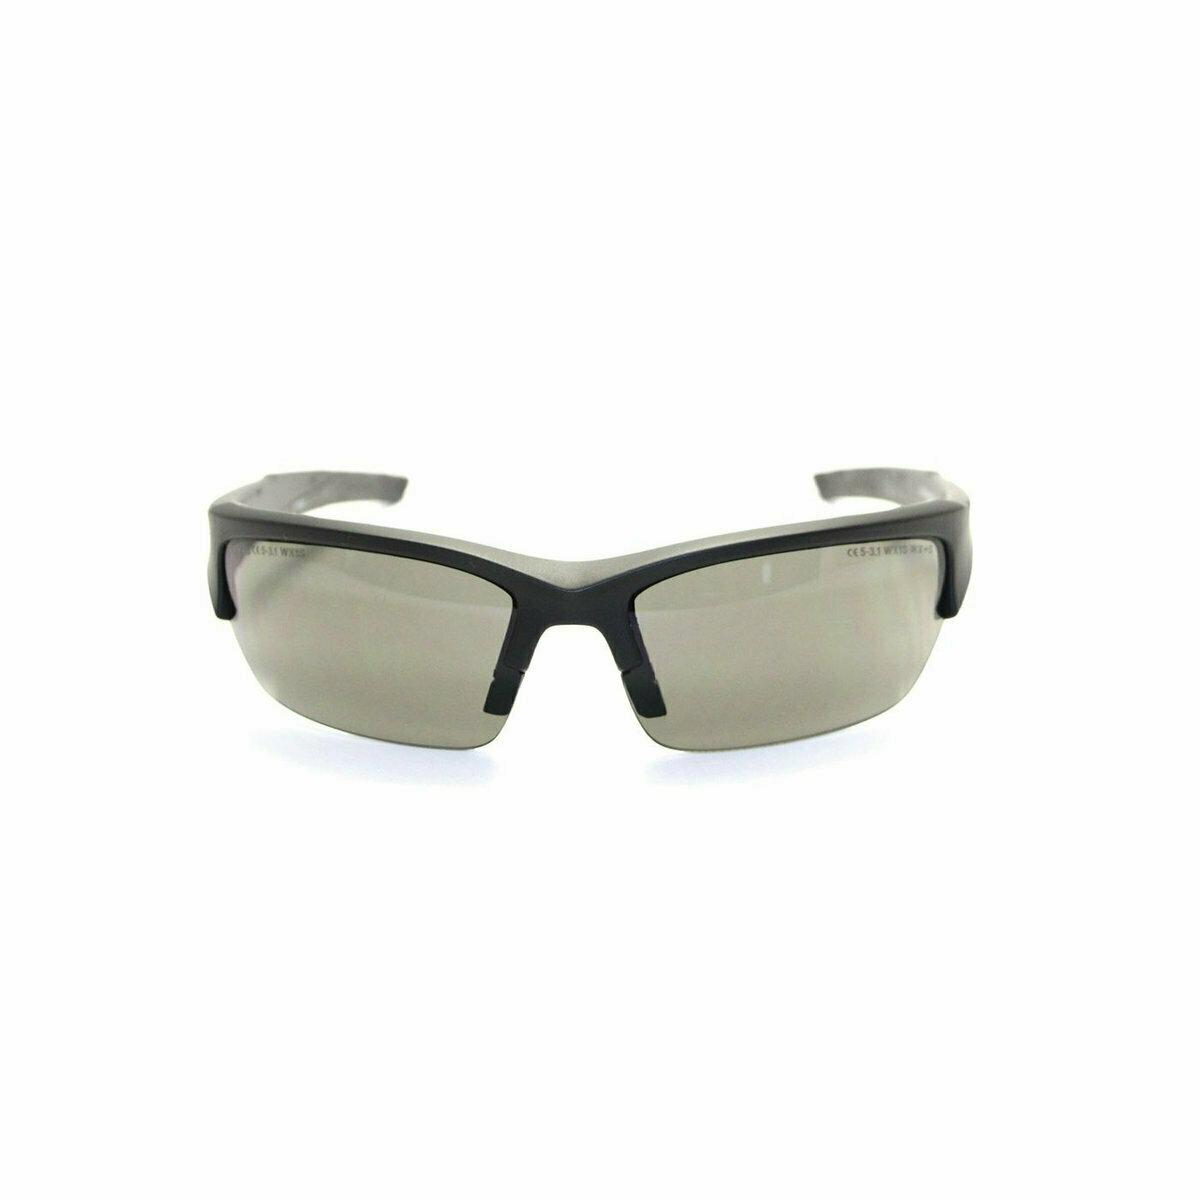 Профессиональные очки OPTIGLASSES PRO в Железнодорожном